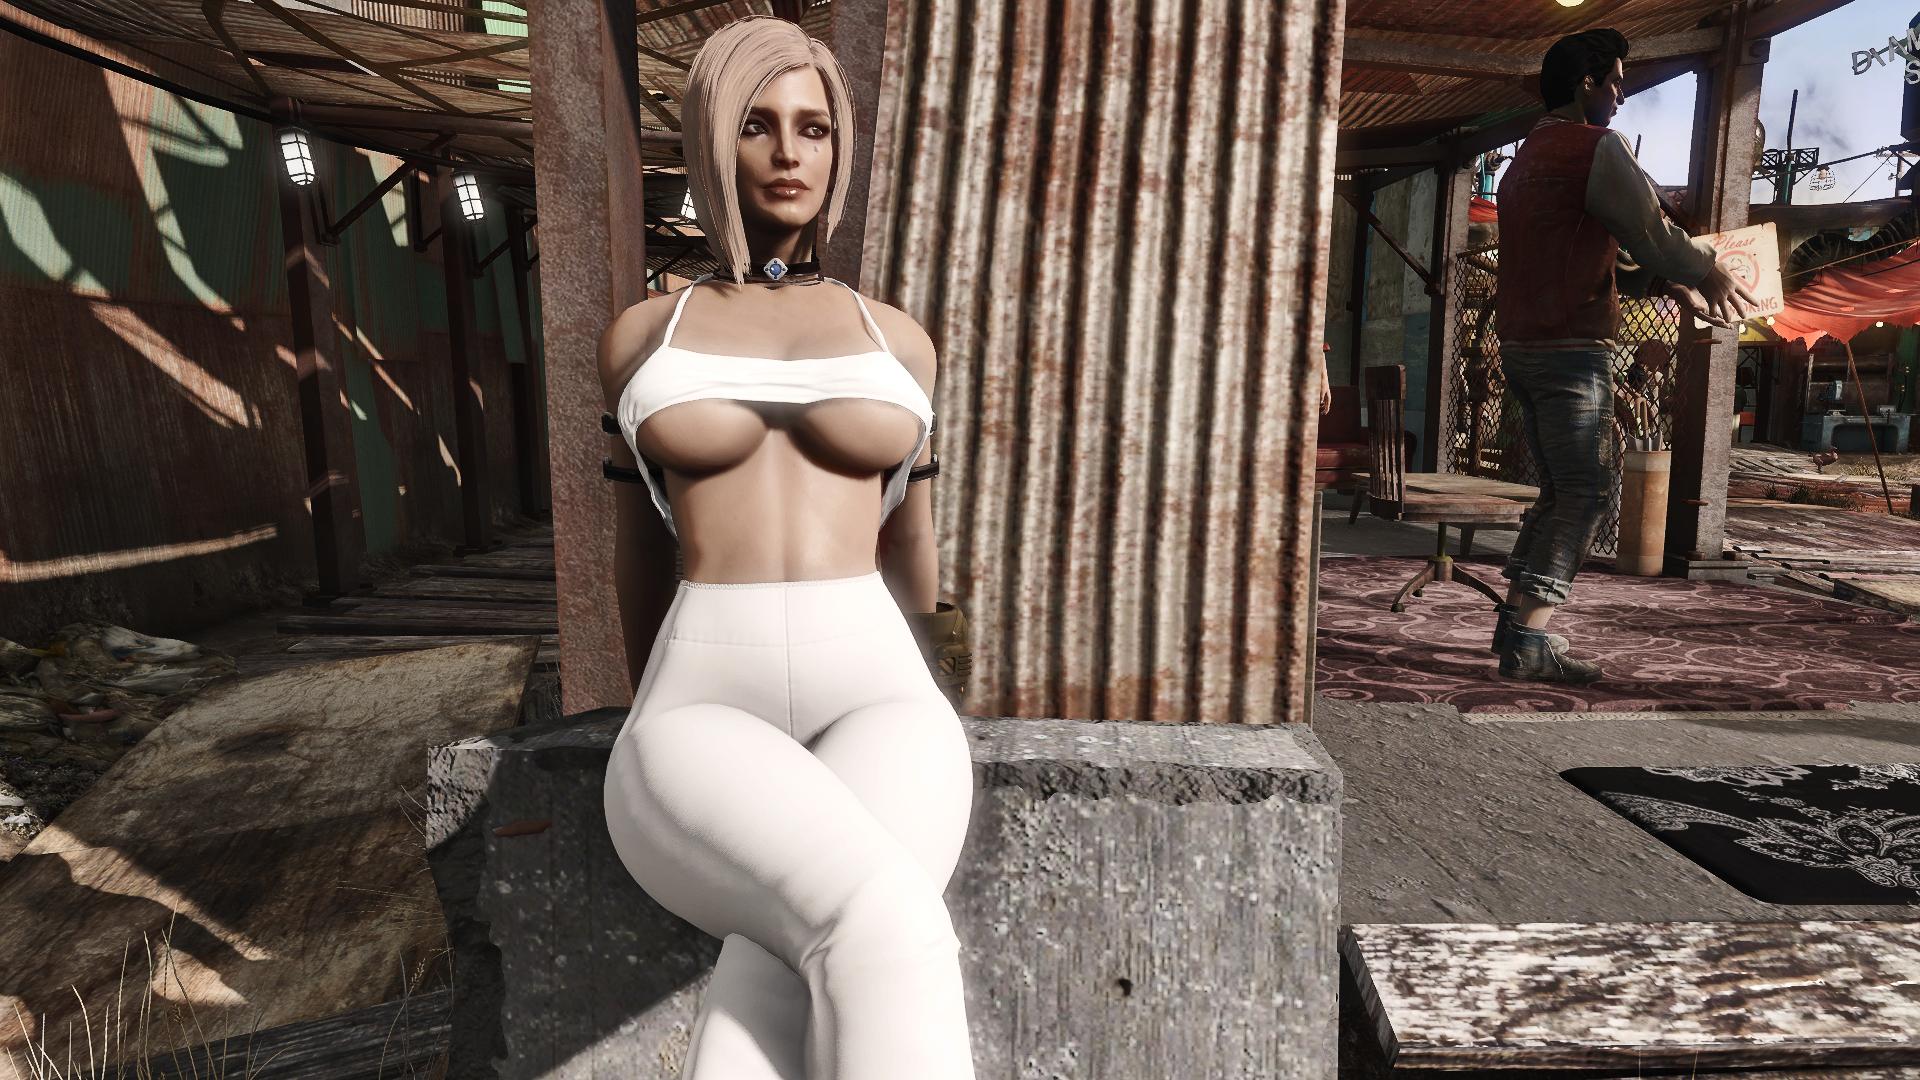 Fallout 4 Screenshot 2020.03.22 - 23.59.49.31.png - Fallout 4